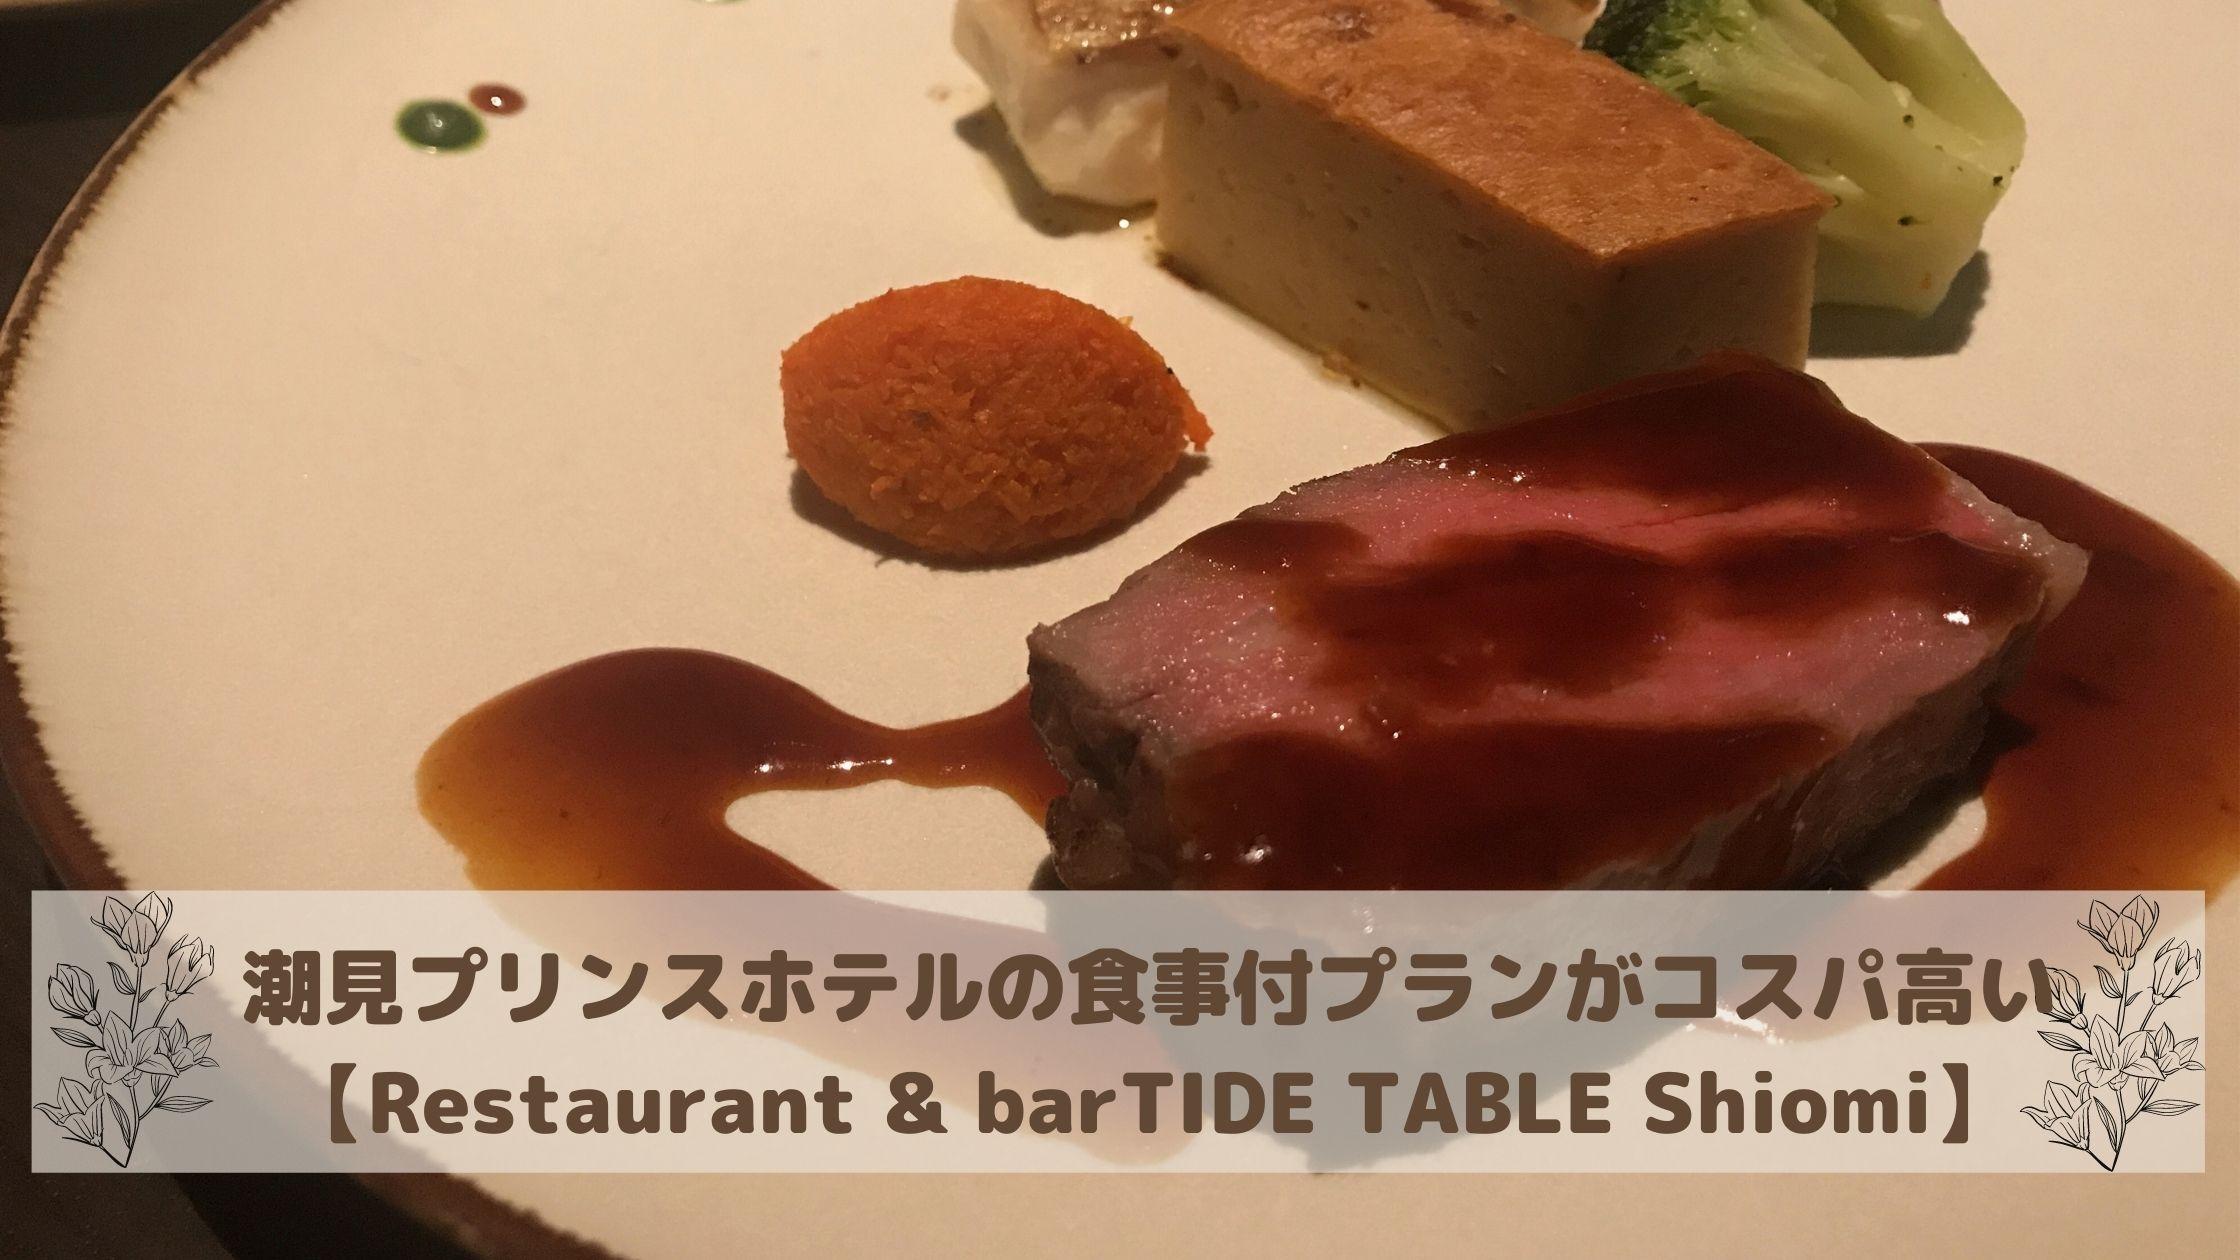 潮見プリンス 朝食 夕食 ブログ ディズニー